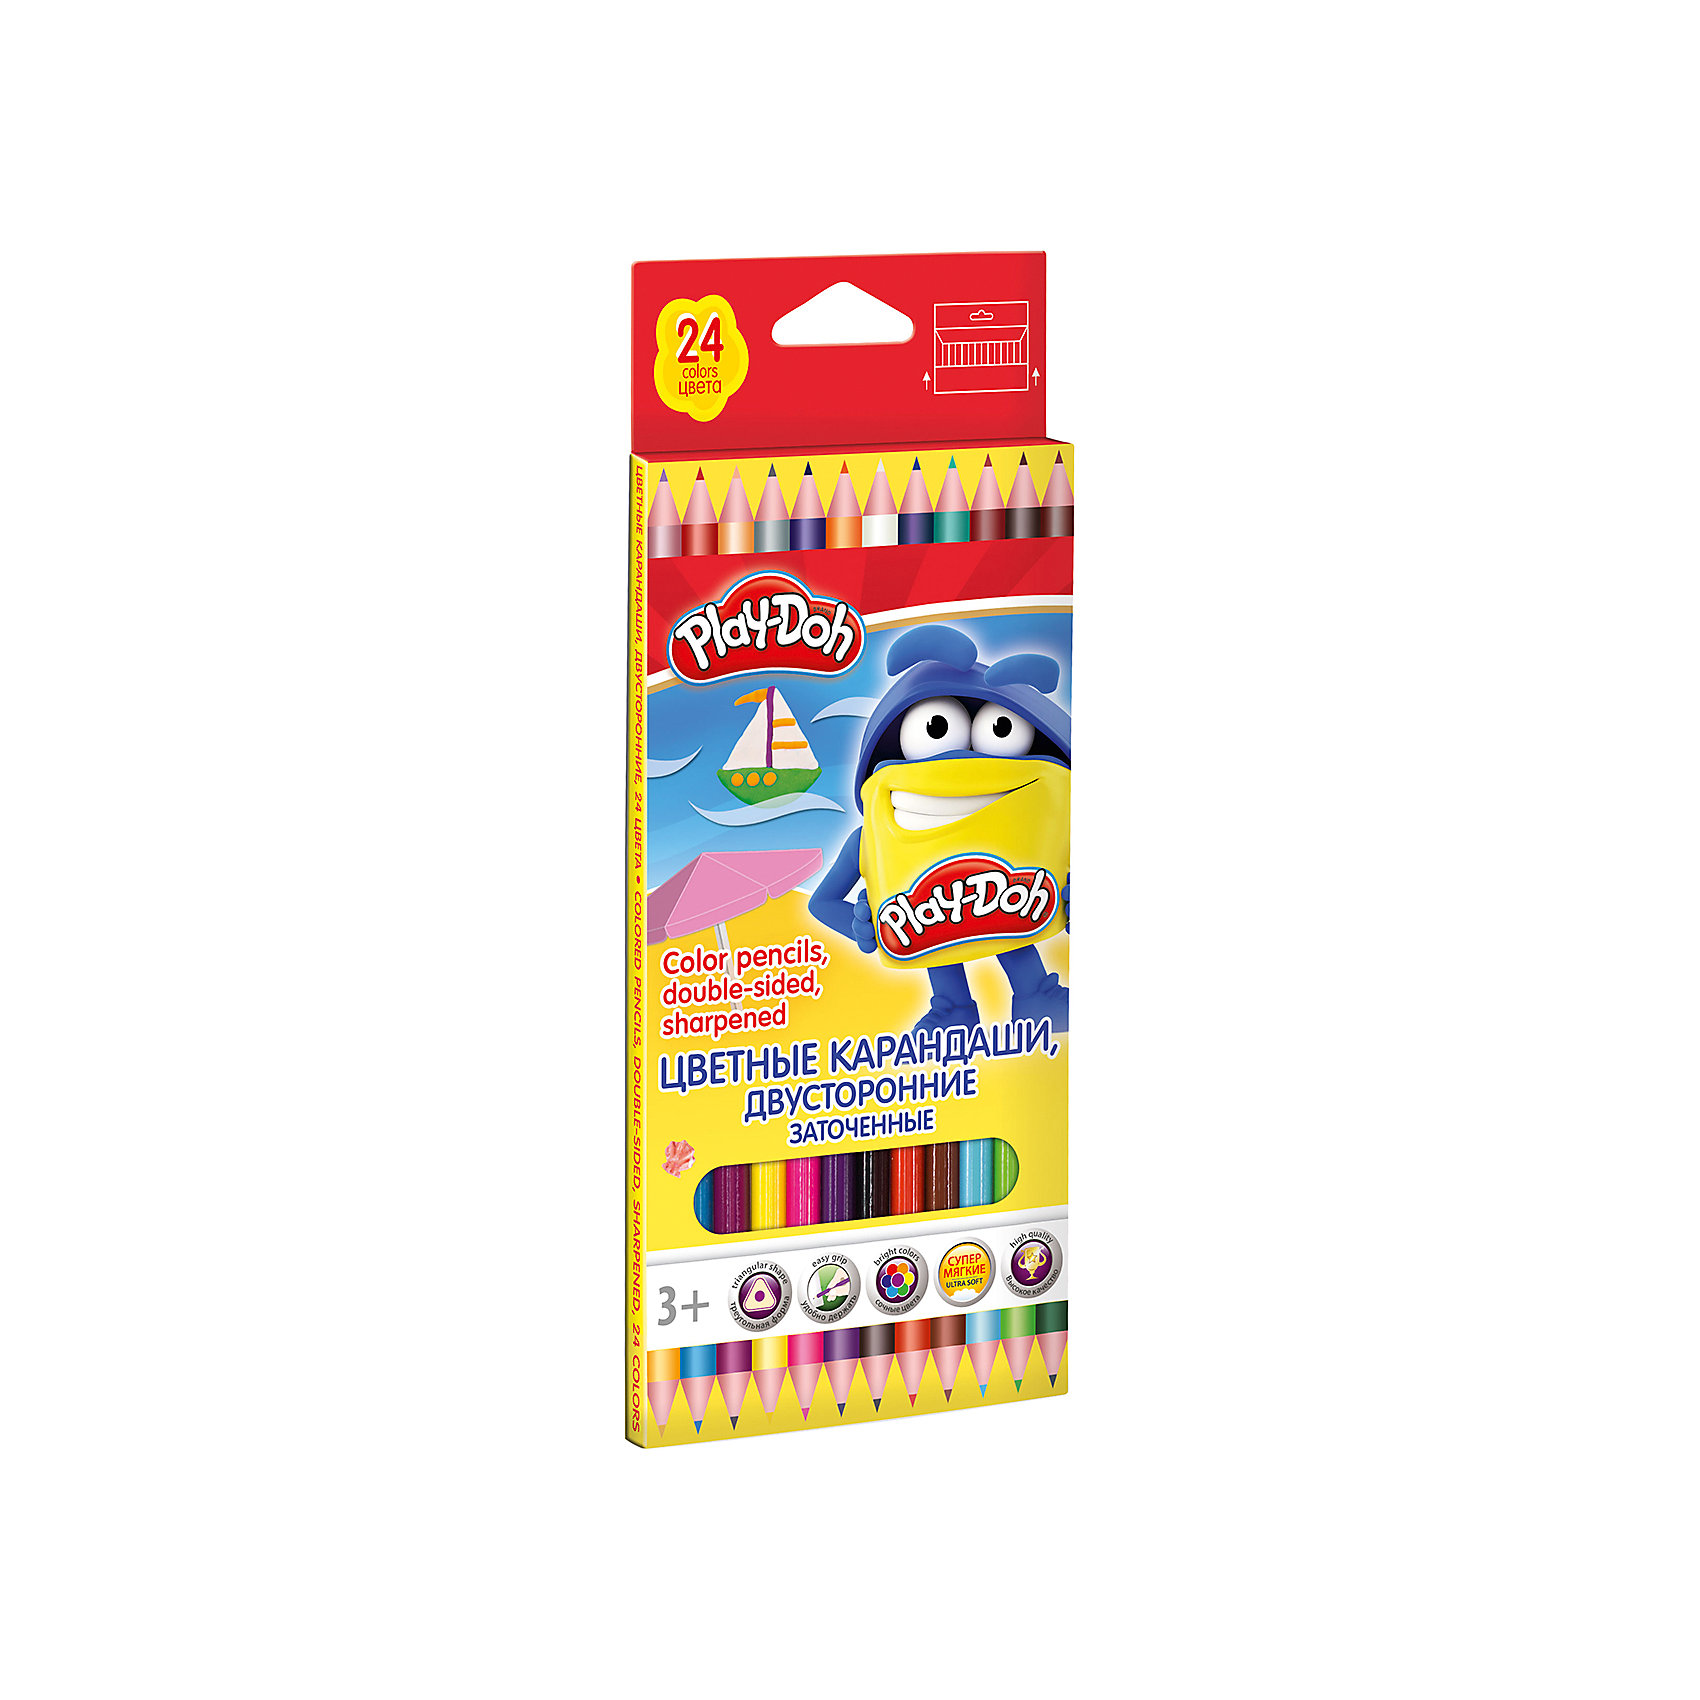 Двусторонние цветные карандаши, 12 шт, 24 цвета, Play-DohЦветные карандаши - необходимый инструмент для детского творчества и школьных занятий. Набор цветных двусторонних карандашей Play-Doh упакован в красочную картонную коробку с забавным рисунком. Карандаши идеально подходят для рисования, письма и раскрашивания,<br>не требуют сильного нажатия, поэтом ребенку будет легко ими рисовать. Трехгранная форма корпуса прививает навык правильно держать пишущий инструмент. Карандаши изготовлены из высококачественной древесины, легко затачиваются, имеют прочный грифель, который не<br>ломается при заточке.<br><br><br>Дополнительная информация:<br><br>- В комплекте: 12 двусторонних карандашей.<br>- Материал: дерево, грифель.<br>- Толщина грифеля: 3 мм.<br>- Размер карандаша: 17,8 см.<br>- Размер упаковки: 21,2 х 1 х 8,7 см.<br>- Вес: 45 гр.<br><br>Цветные карандаши, 12 шт., 24 цв., Play-Doh, можно купить в нашем интернет-магазине.<br><br>Ширина мм: 212<br>Глубина мм: 87<br>Высота мм: 10<br>Вес г: 76<br>Возраст от месяцев: 36<br>Возраст до месяцев: 72<br>Пол: Унисекс<br>Возраст: Детский<br>SKU: 4681059